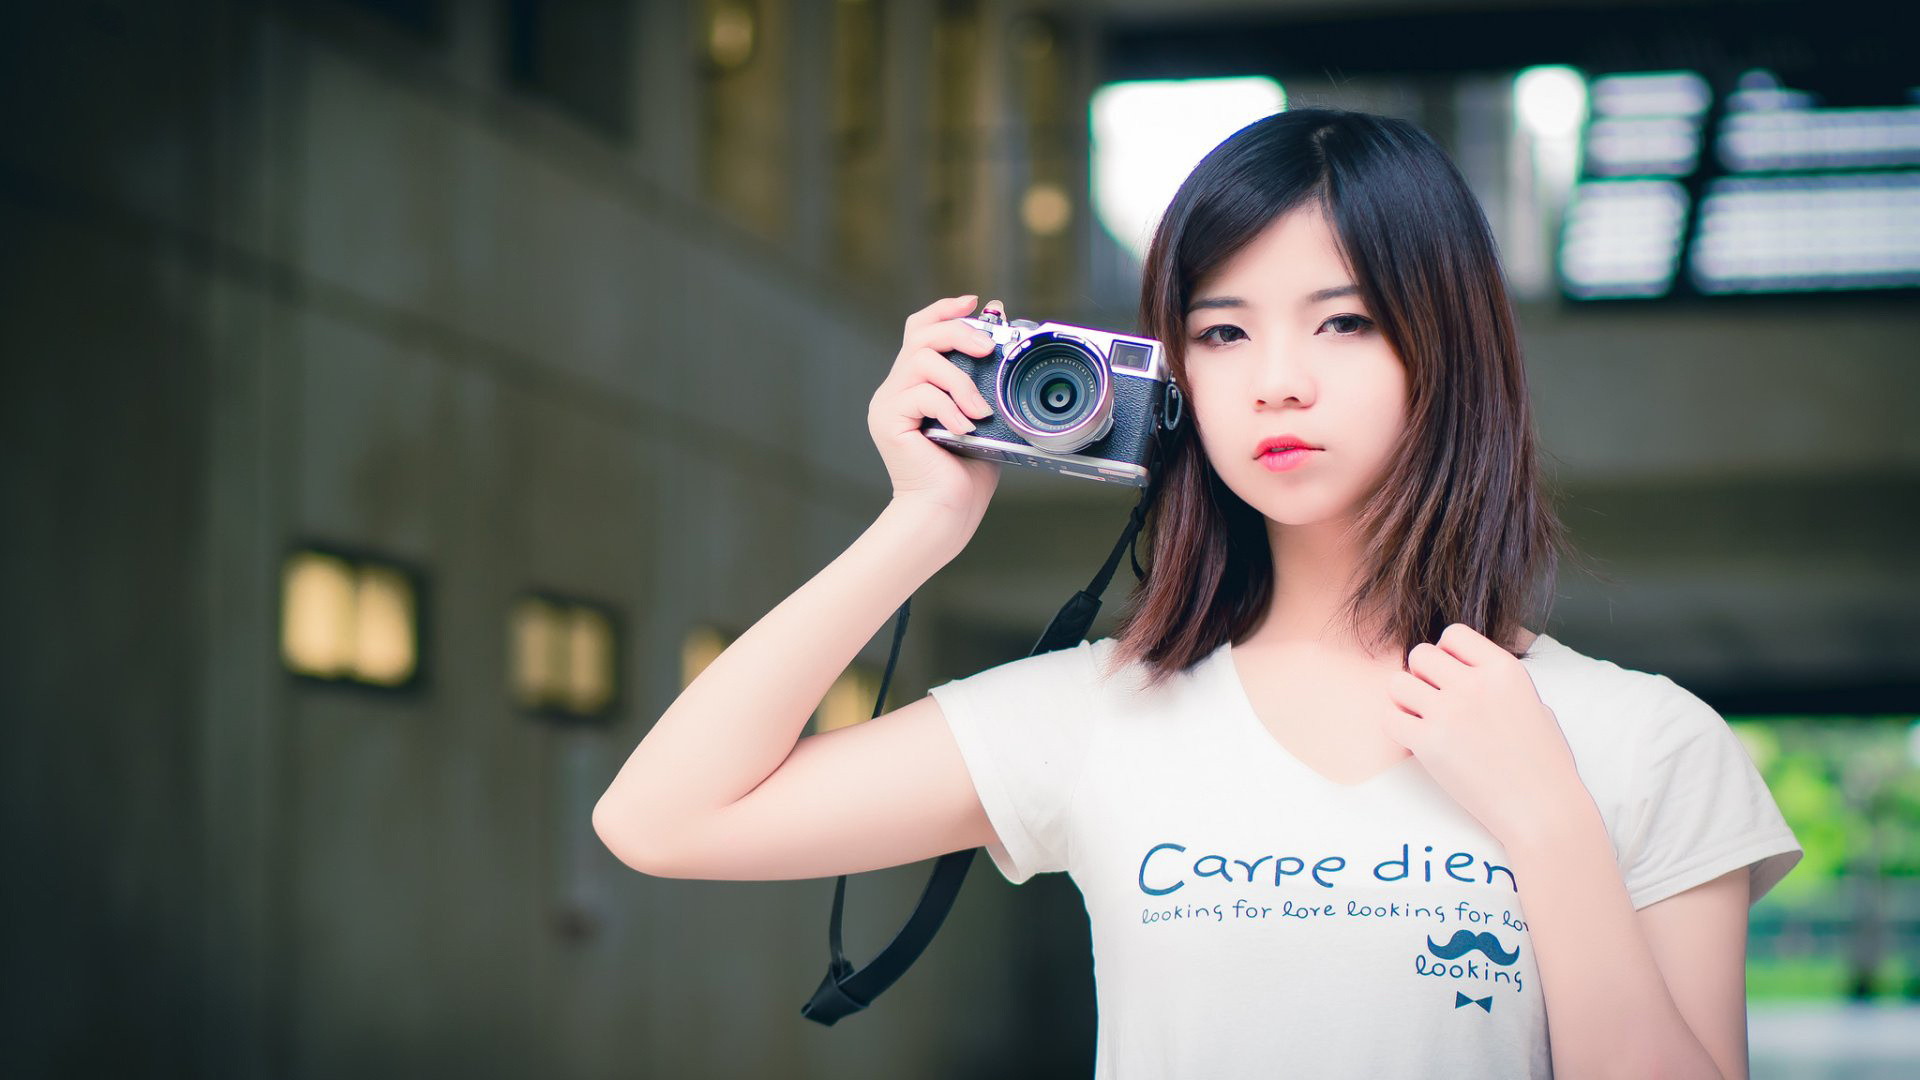 Tianbo.com